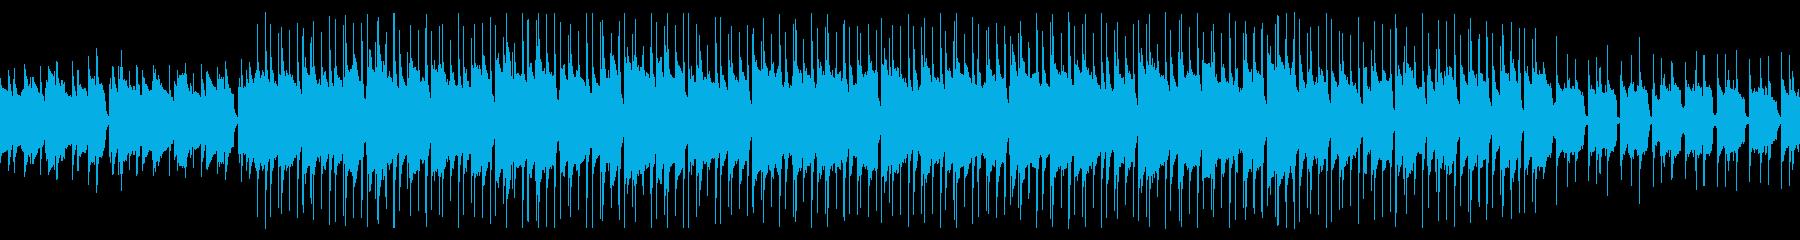 【ループ】ミドルテンポのアコースティックの再生済みの波形